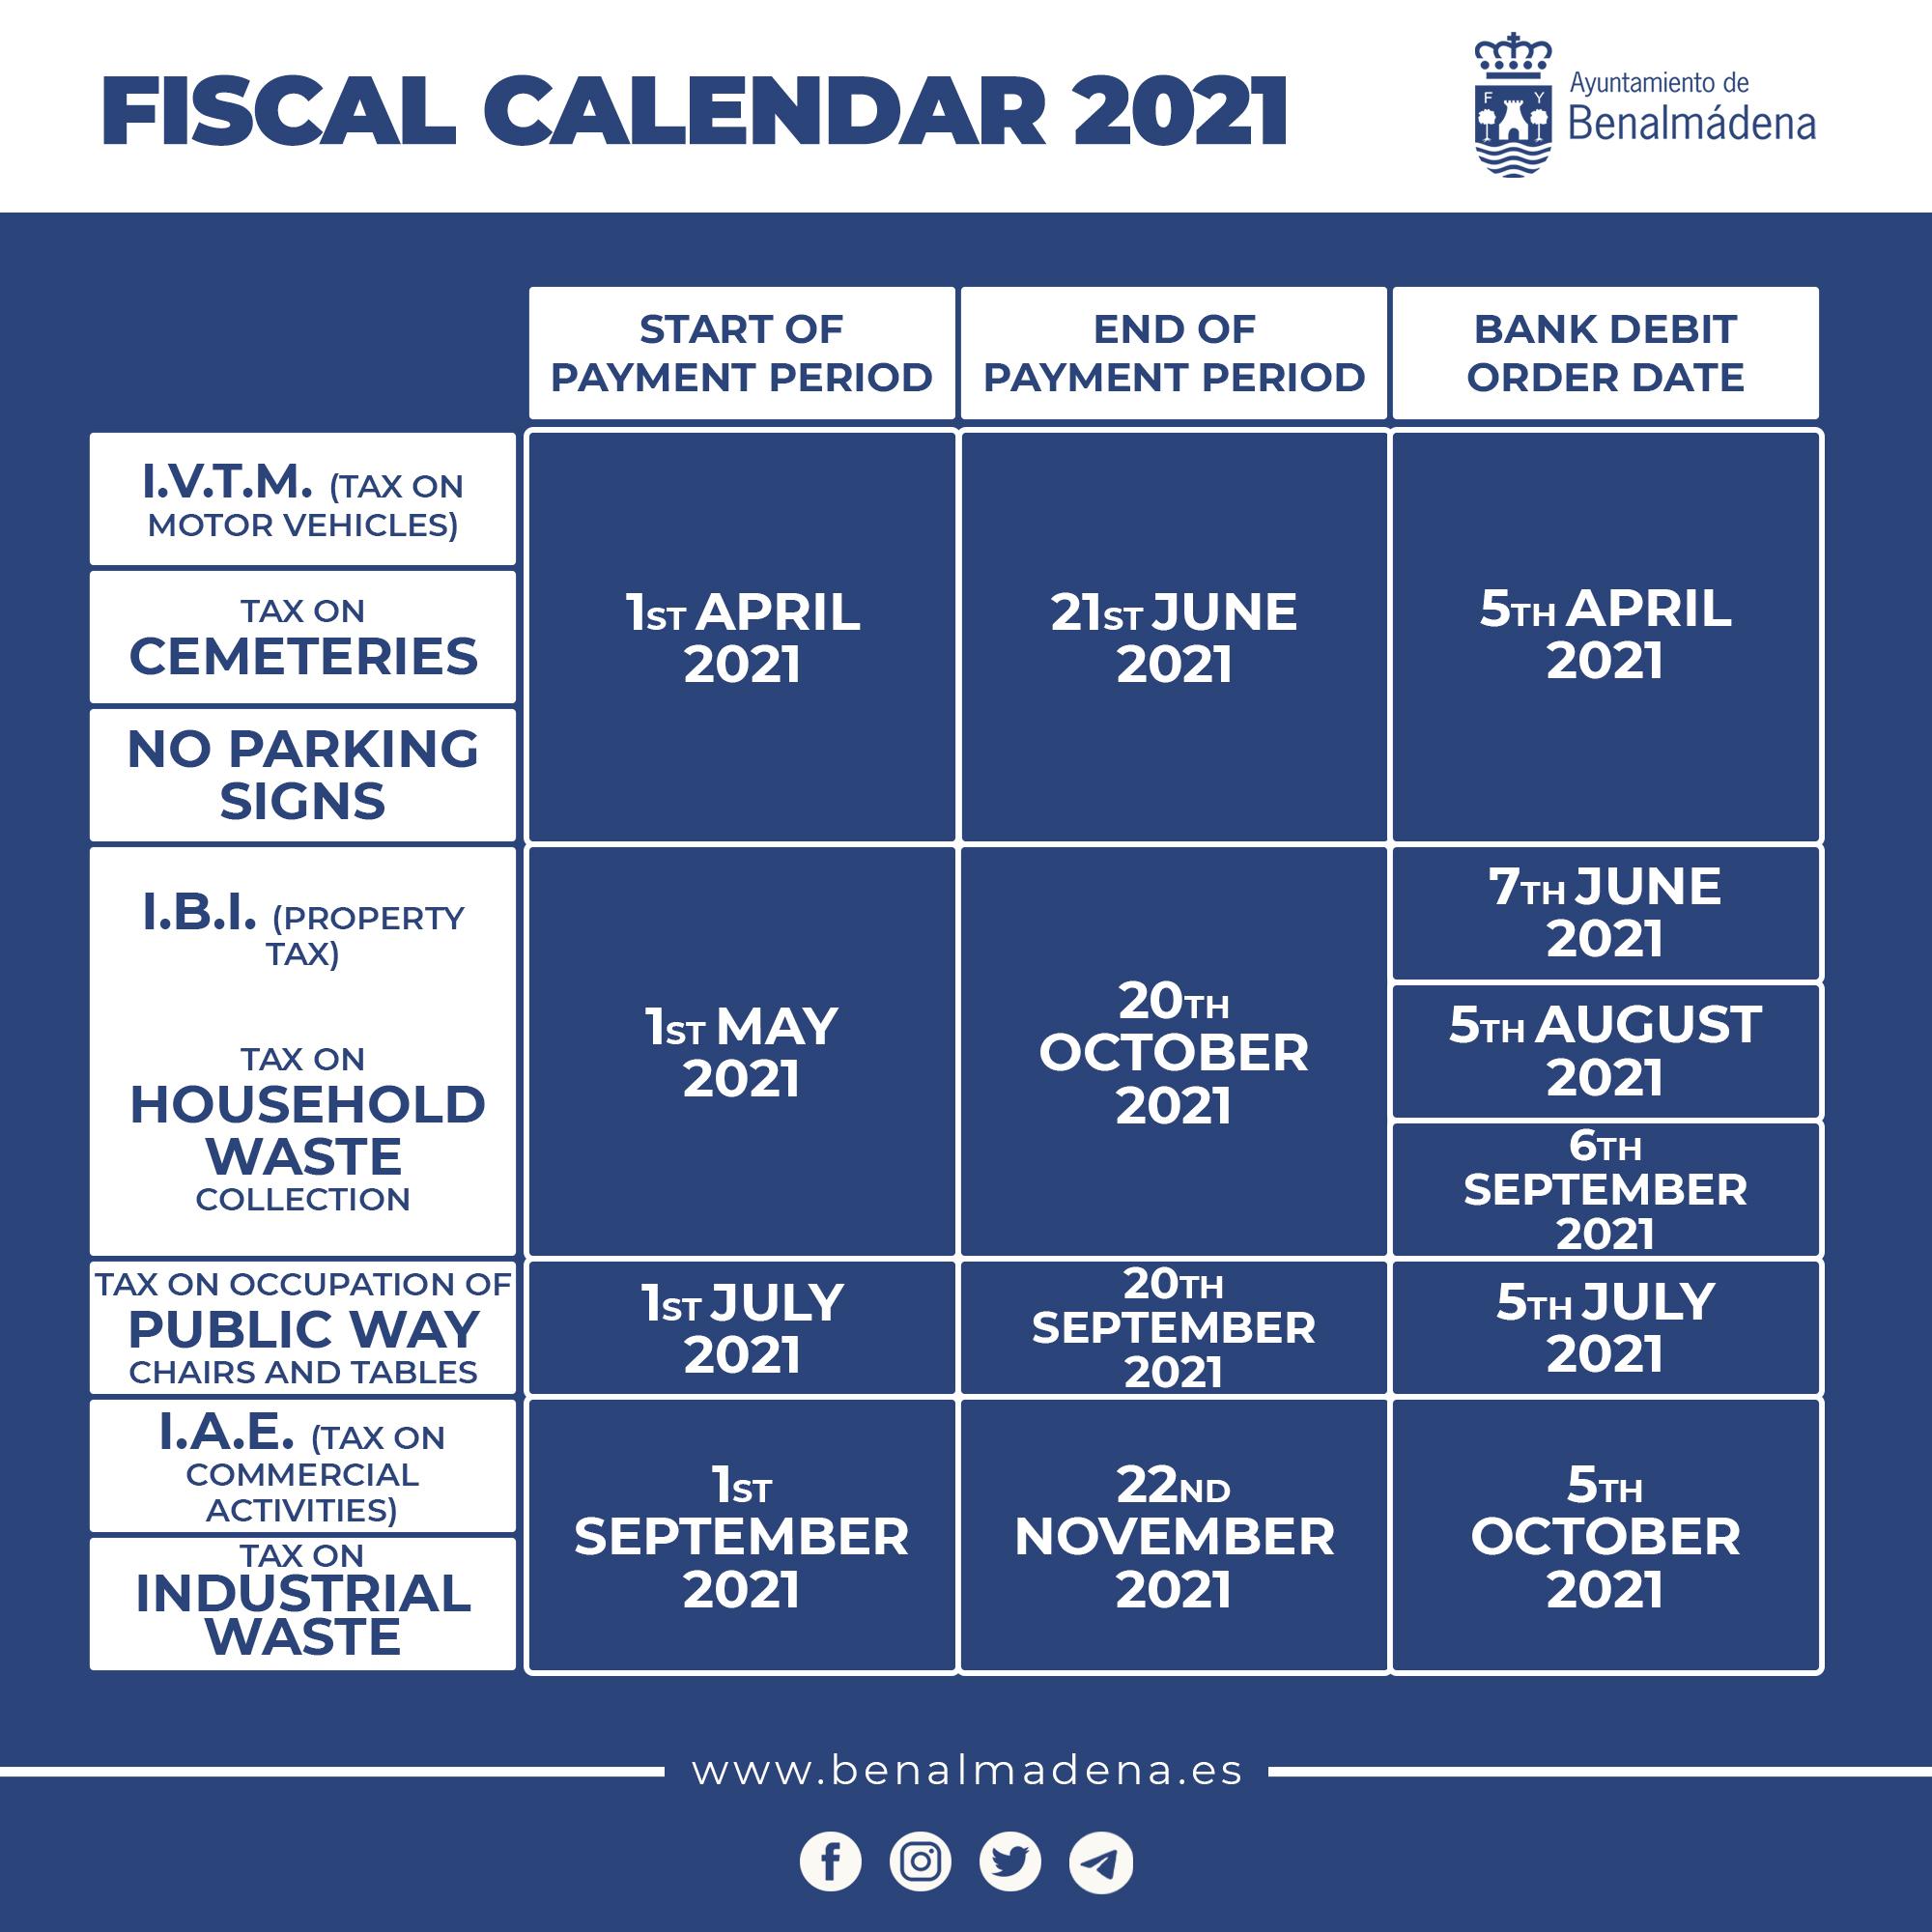 Fiscal Calendar 2021